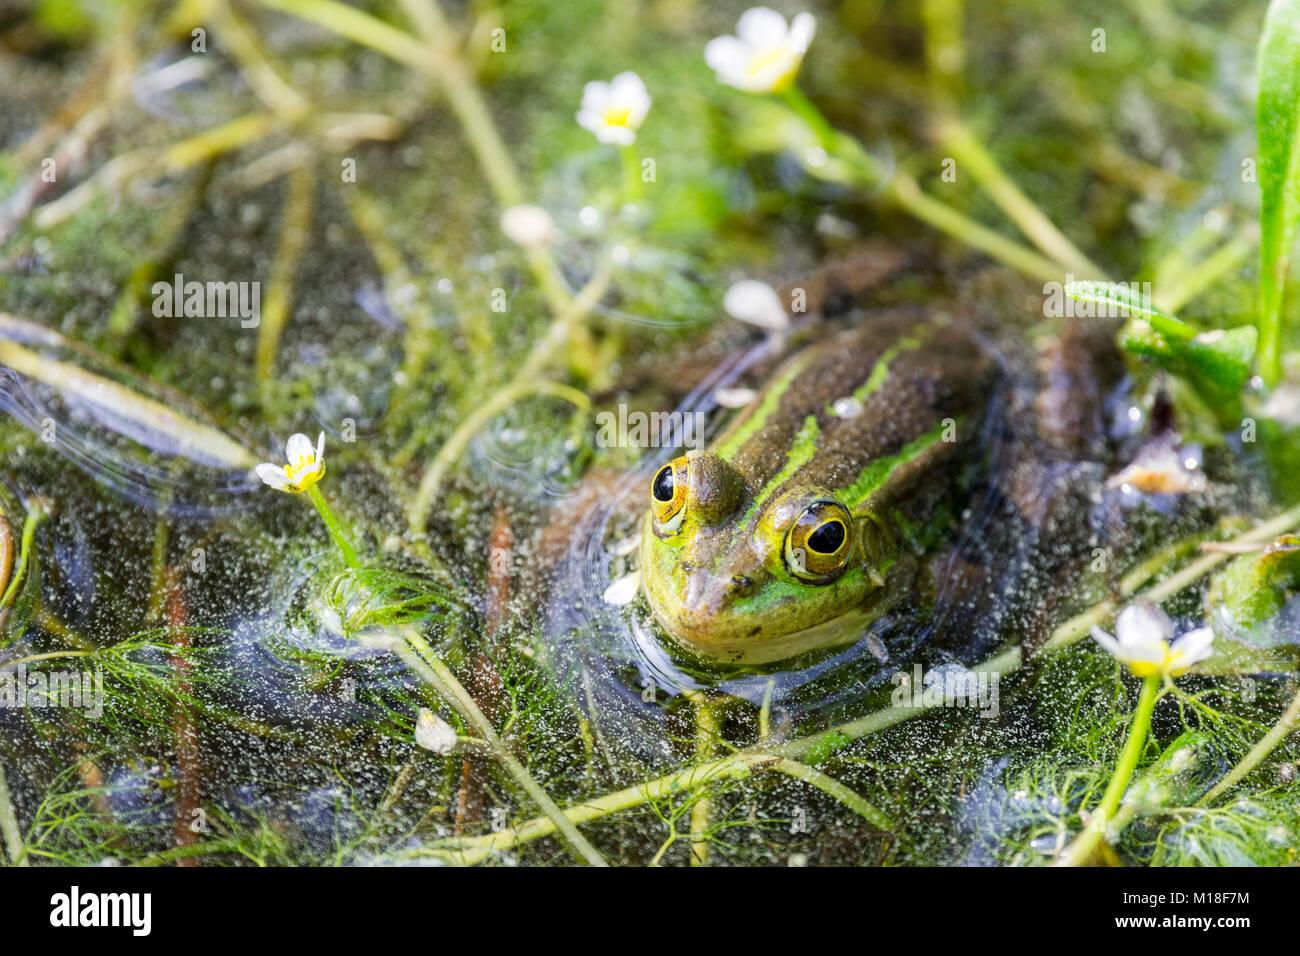 Rana Verde (Rana esculenta) tra la fioritura delle piante acquatiche,acqua di fiume (crowfoot Ranunculus fluitans),Veneto,Italia Immagini Stock